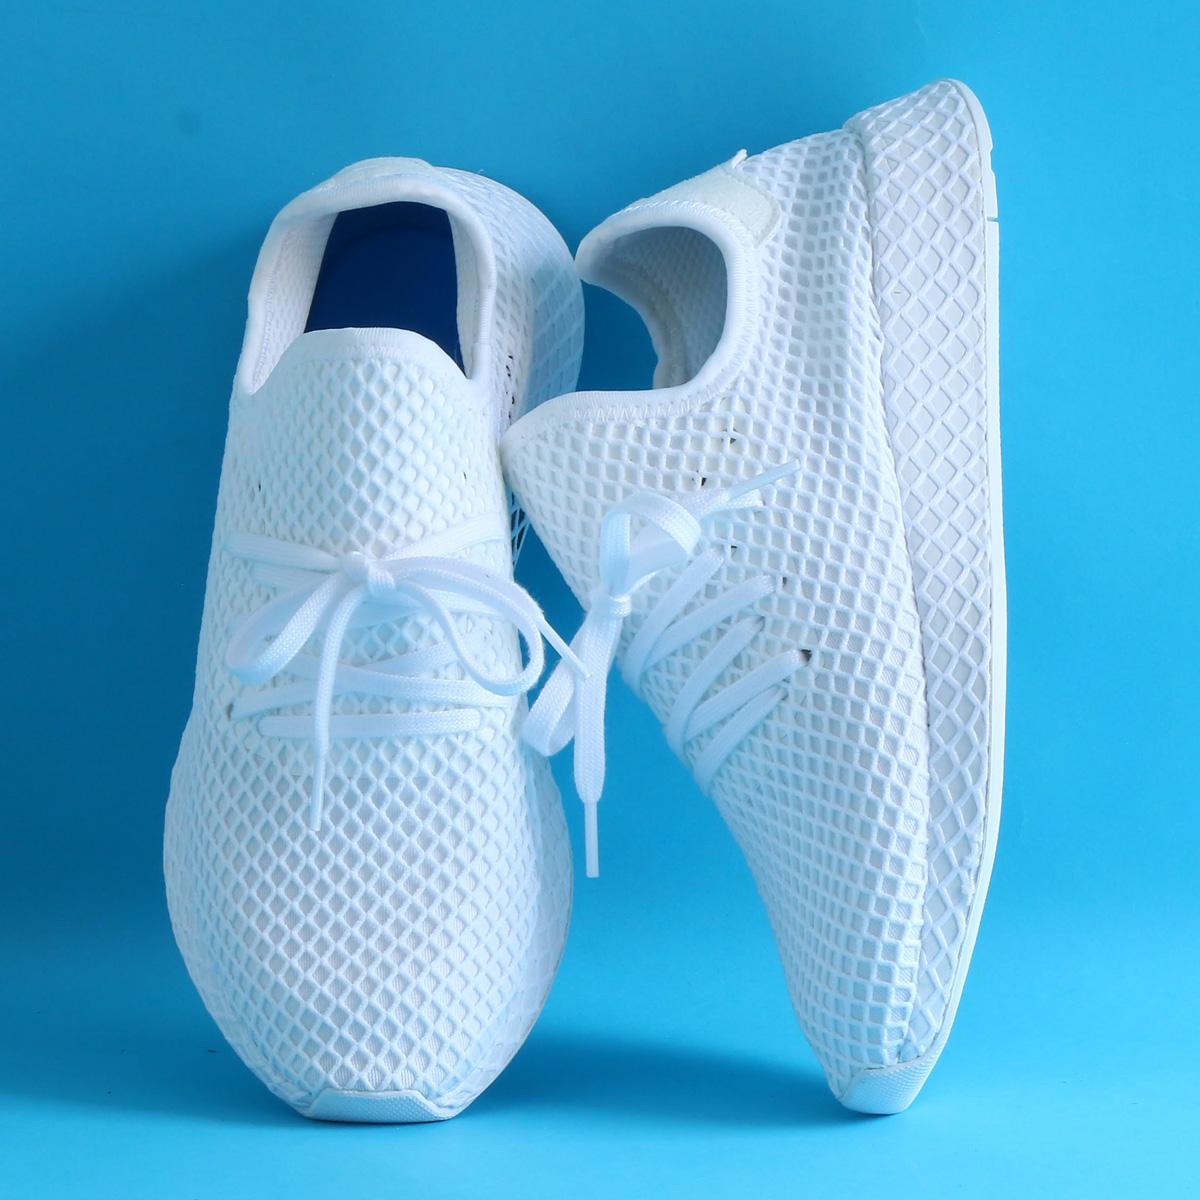 【激安セール】 adidas Originals ディーラプト DEERUPT DEERUPT RUNNER (アディダス オリジナルス ディーラプト ランナー)Running Originals White/Running White/Running White【メンズ レディース スニーカー】18SS-S, ショウボクチョウ:998478f7 --- canoncity.azurewebsites.net